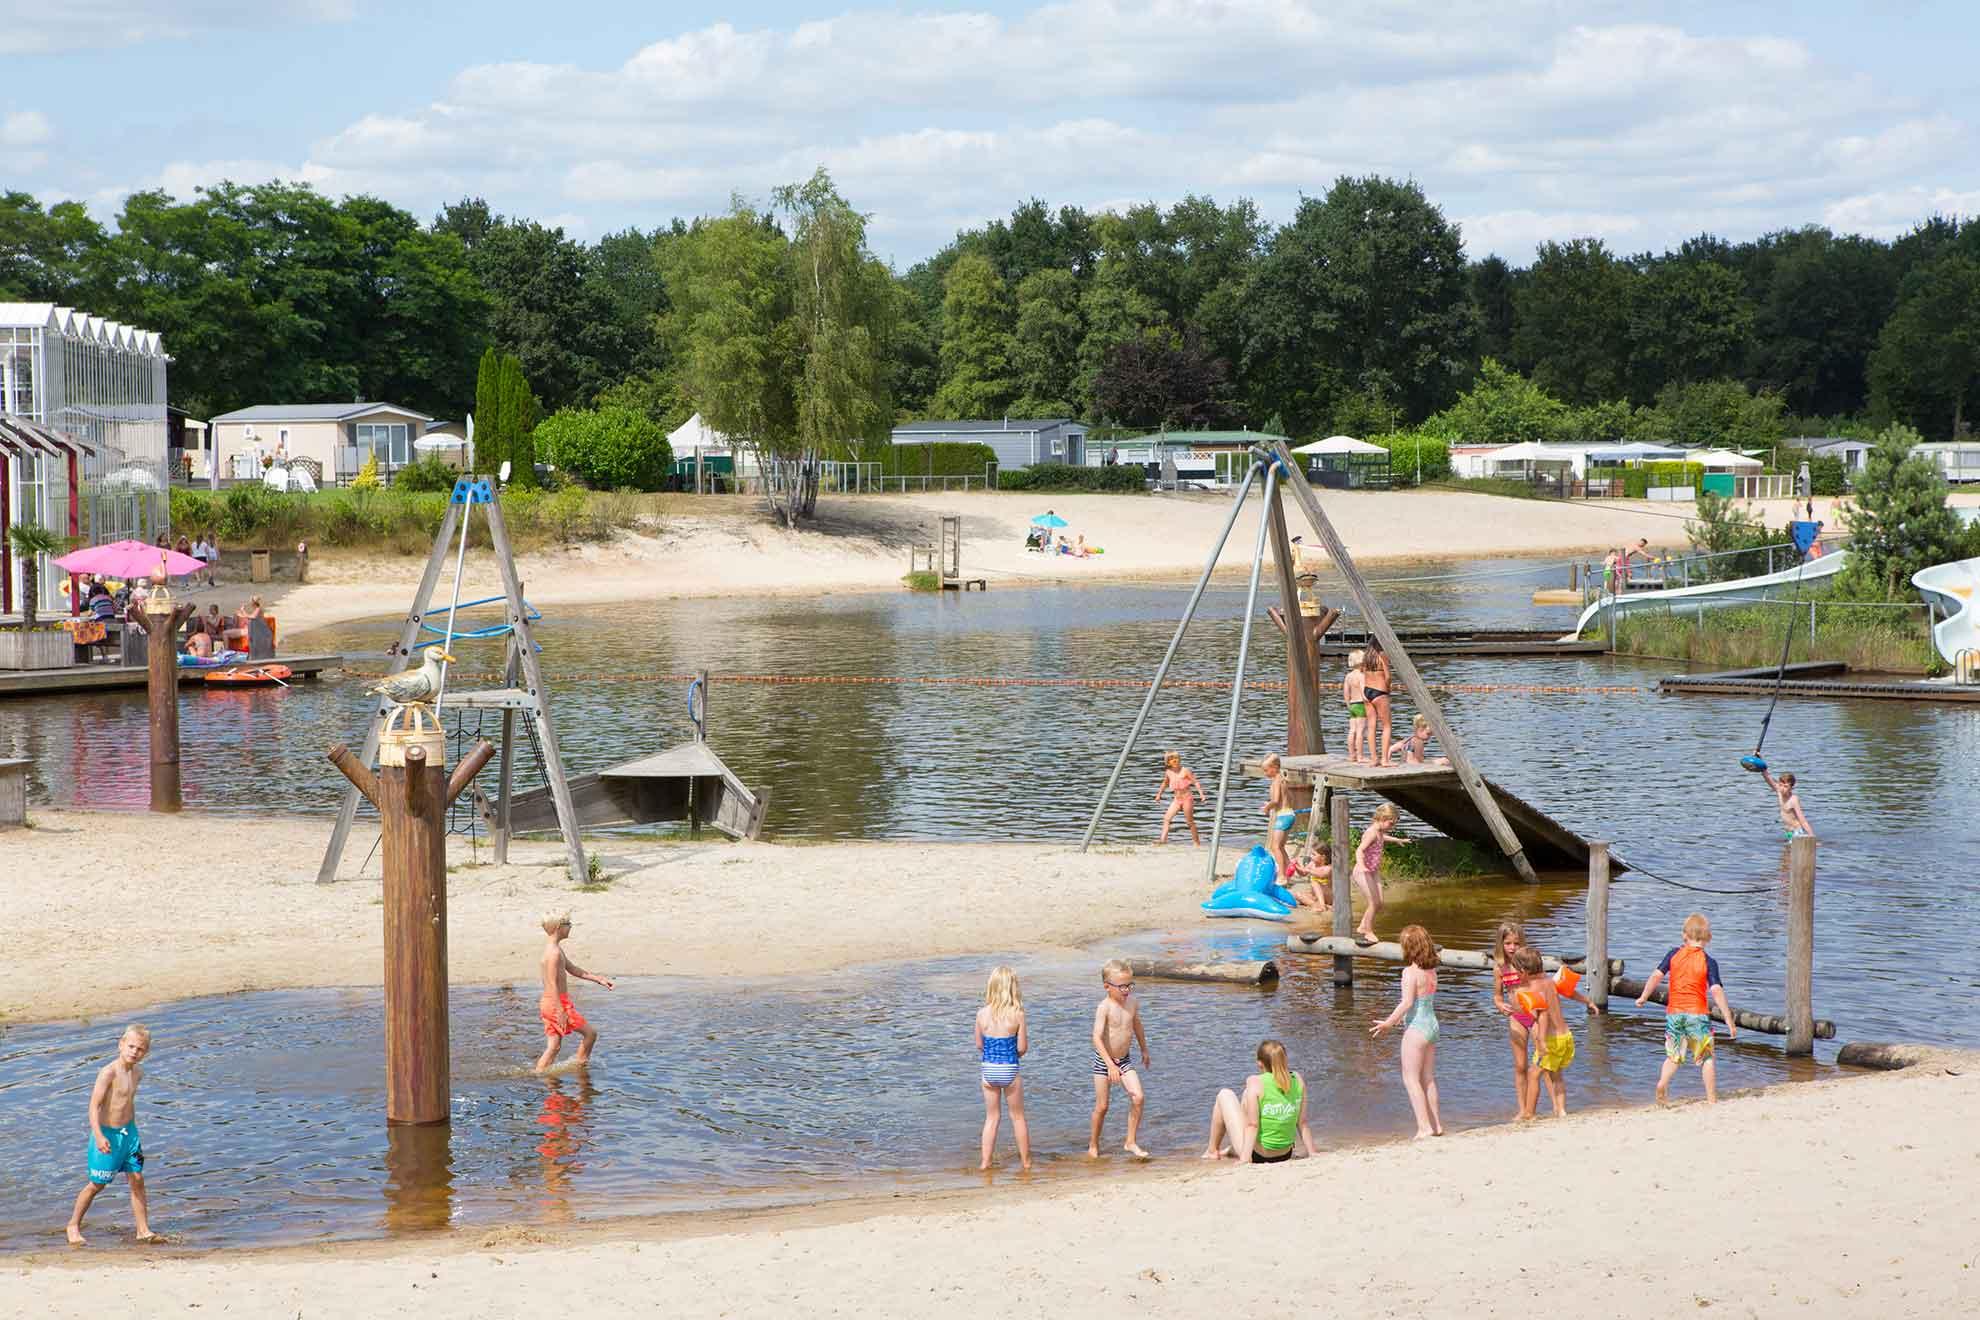 Camping vakantie in Overijssel op Capfun het Stoetenslagh - 5 sterren camping vakantie in Overijssel